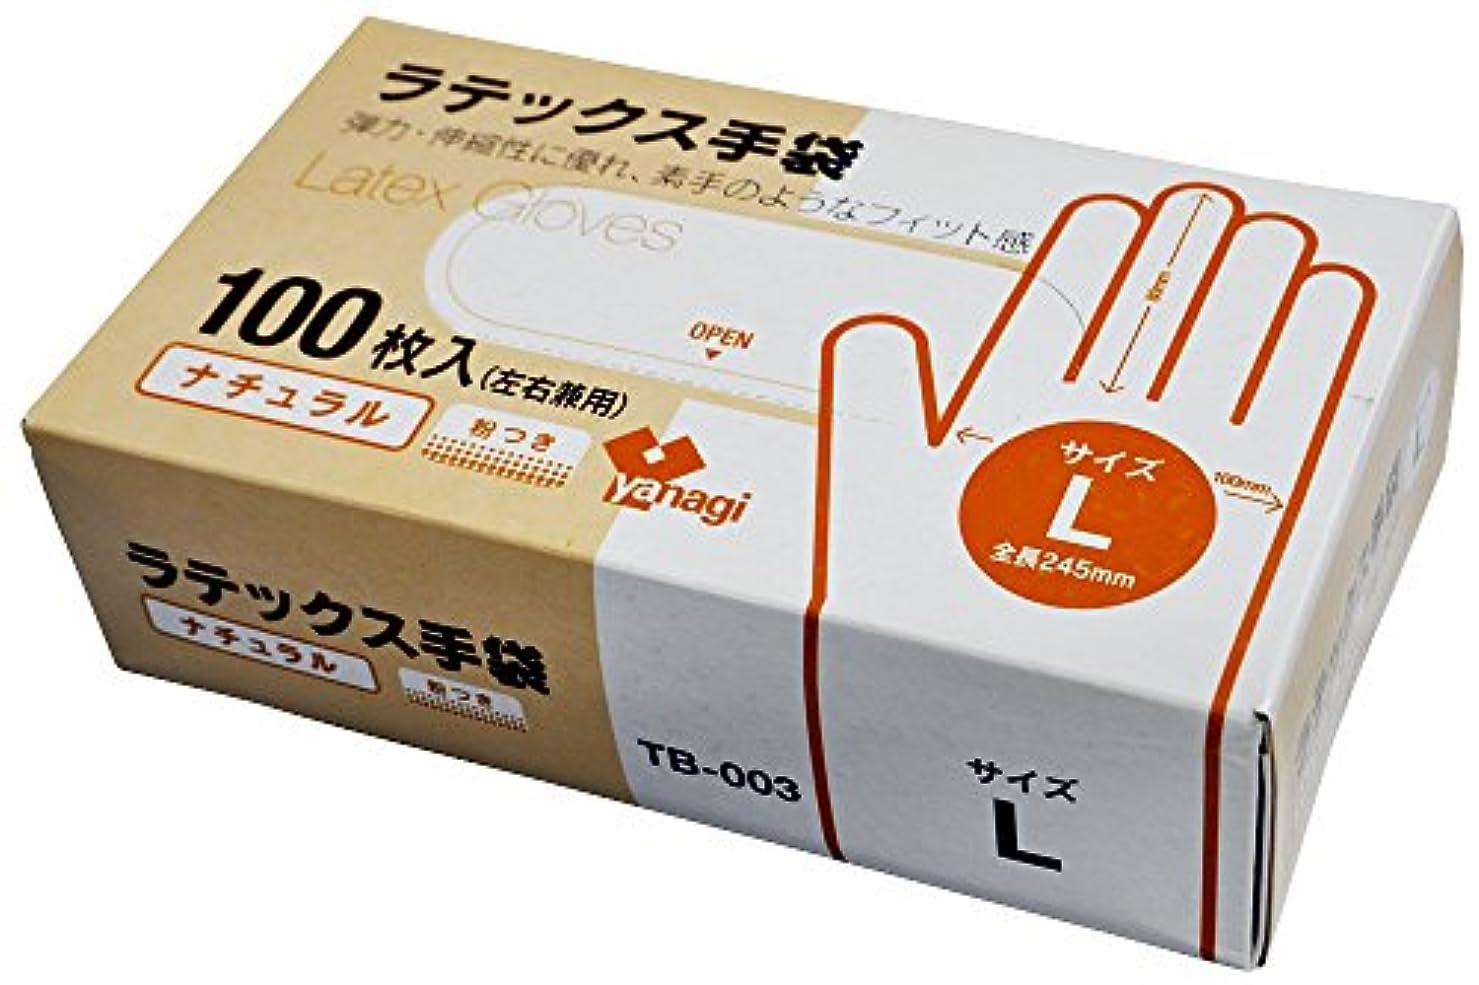 コロニアルクールカナダ使い捨て ラテックス手袋 ナチュラル色 左右兼用 Lサイズ 100枚入 粉つき 食品衛生法規格基準適合品 TB-003